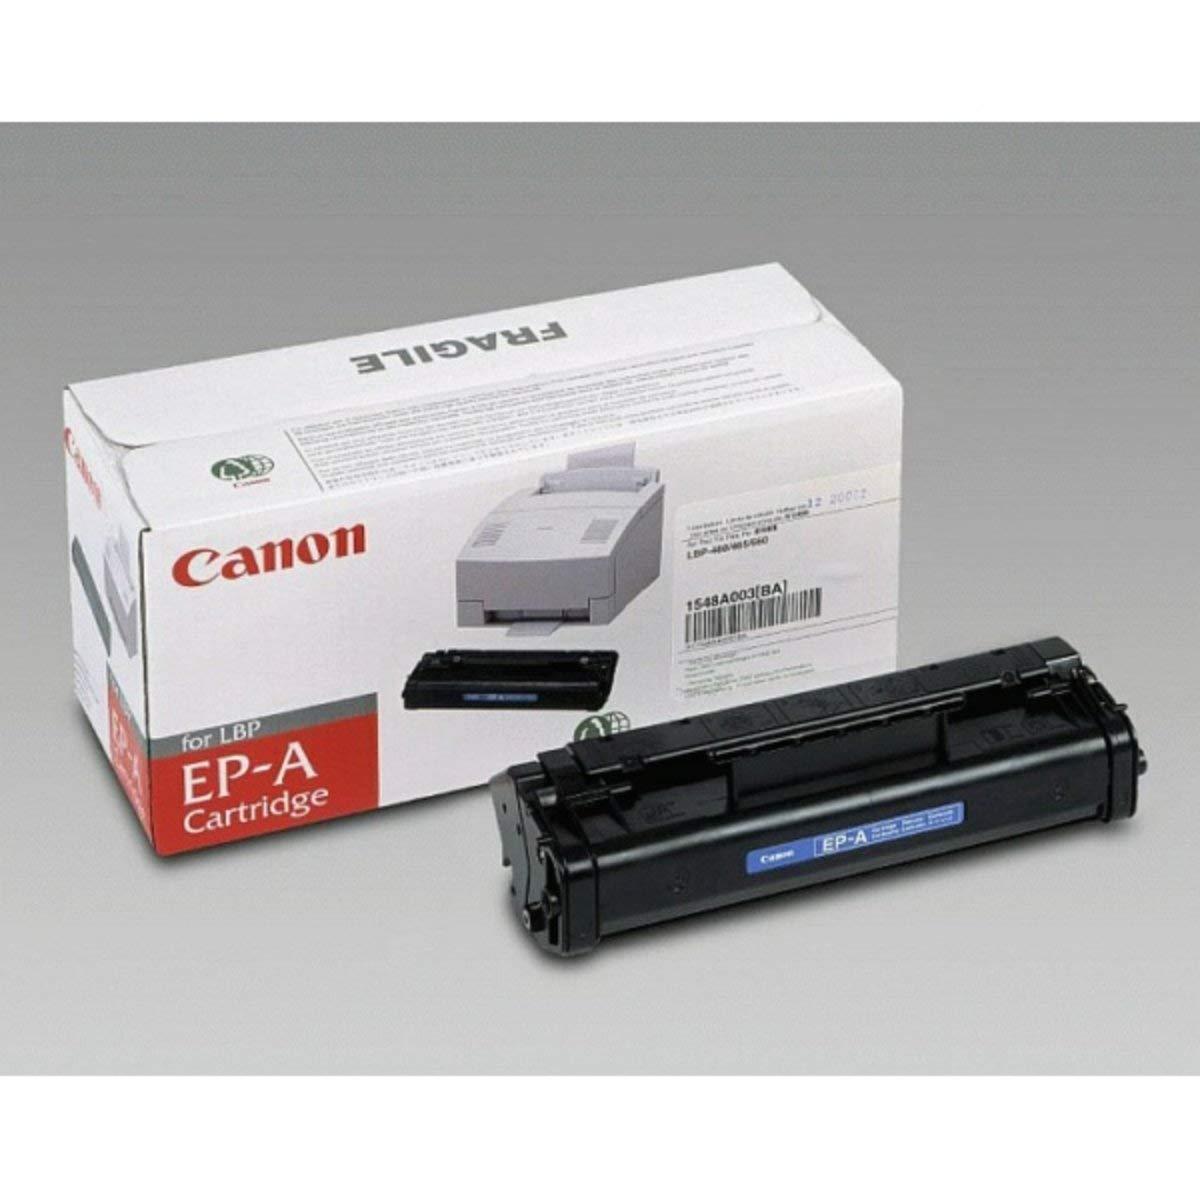 Canon LBP-220 (EPA / 1548 A 003) - original: Amazon.es: Electrónica